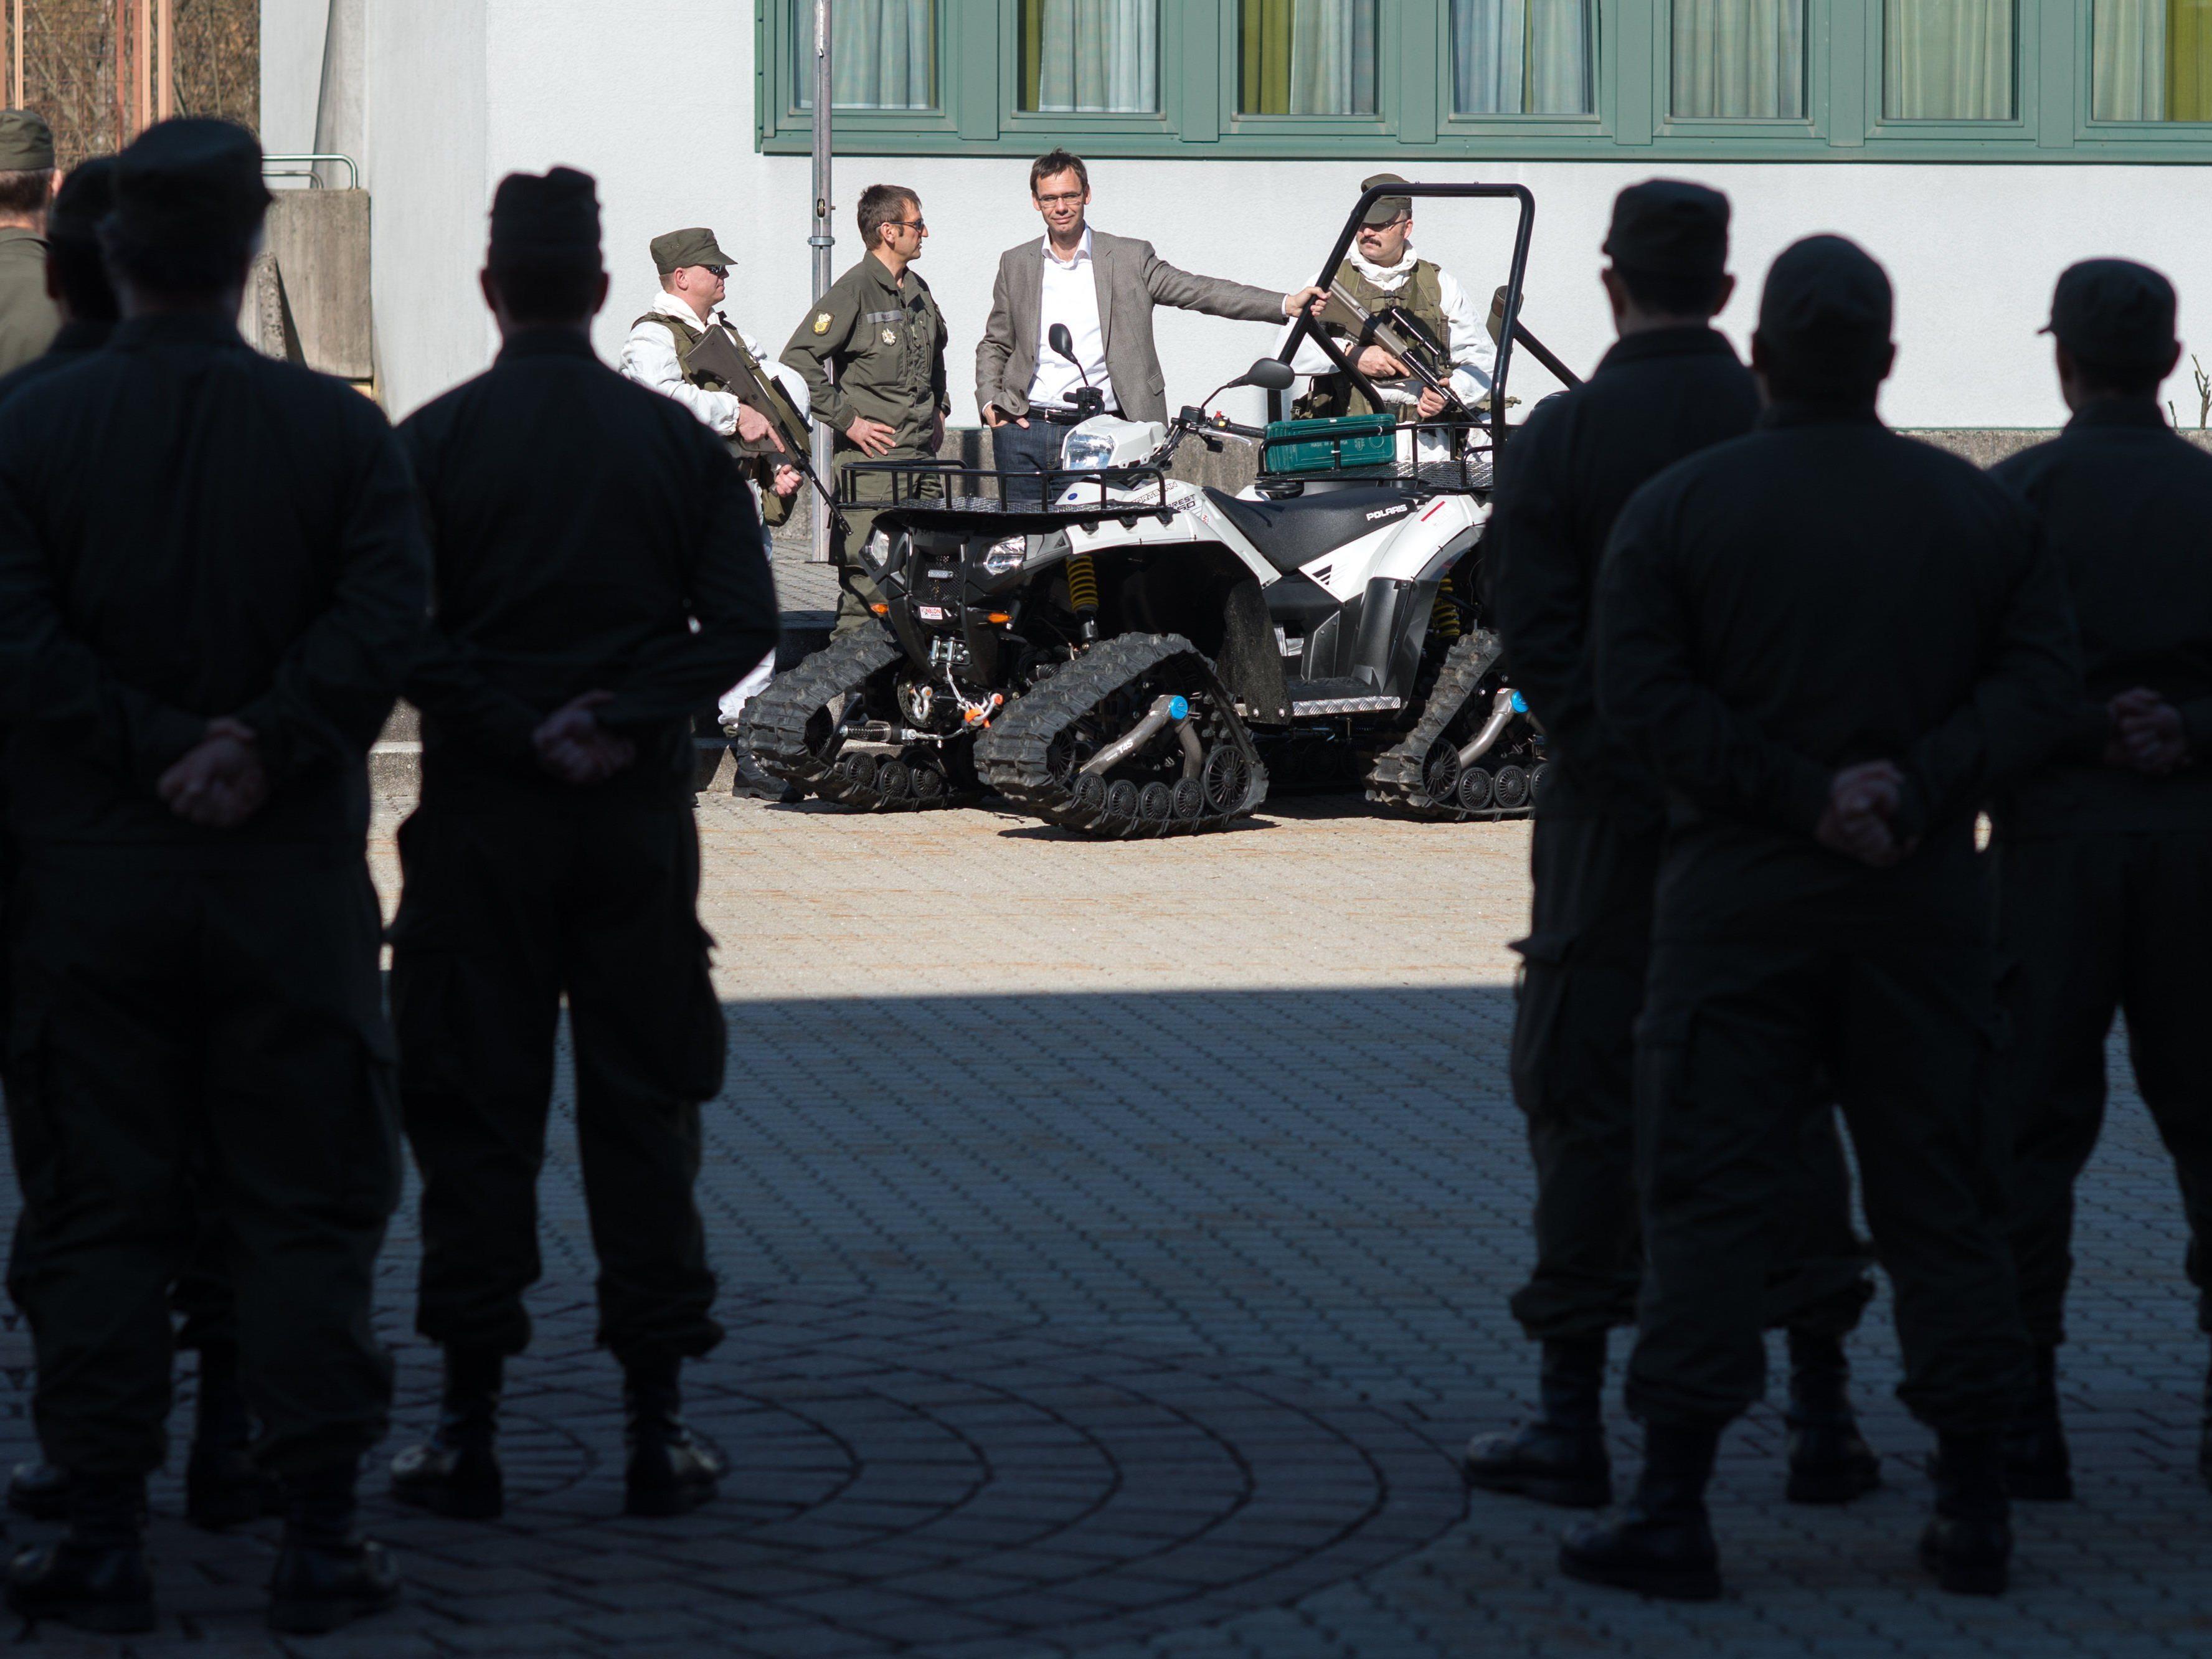 Vorarlberger Politiker befürchten Gefährdung der Sicherheit im Katastrophenfall.